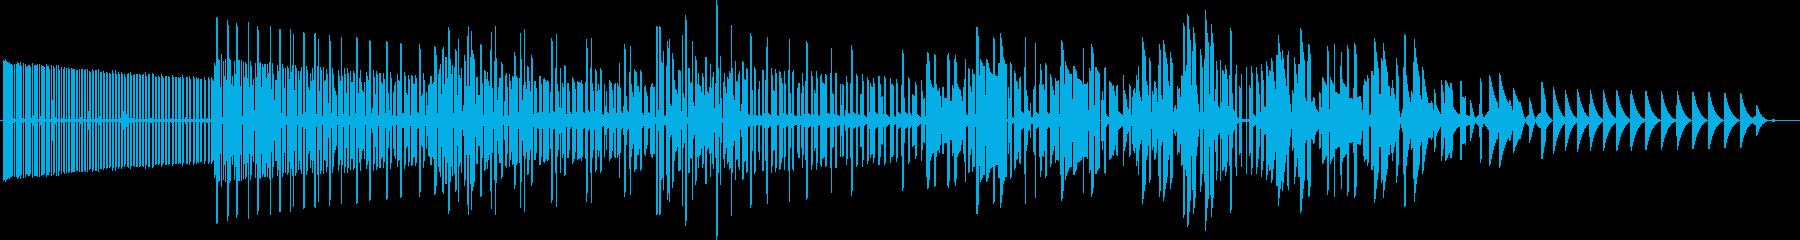 ギュイギュイギュイン(下降)の再生済みの波形